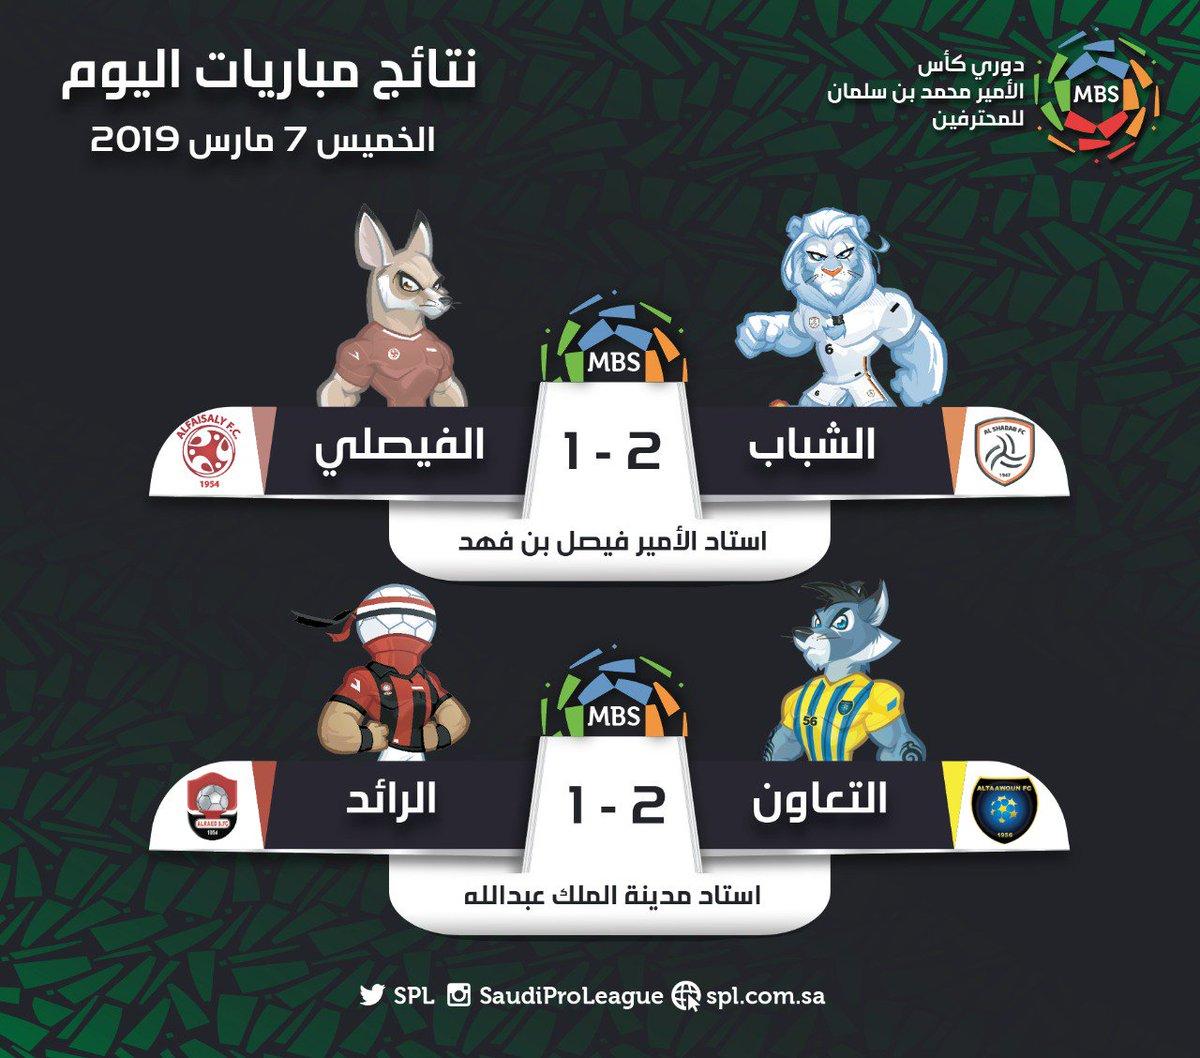 الدوري السعودي للمحترفين в Twitter مباراتان 6 أهداف